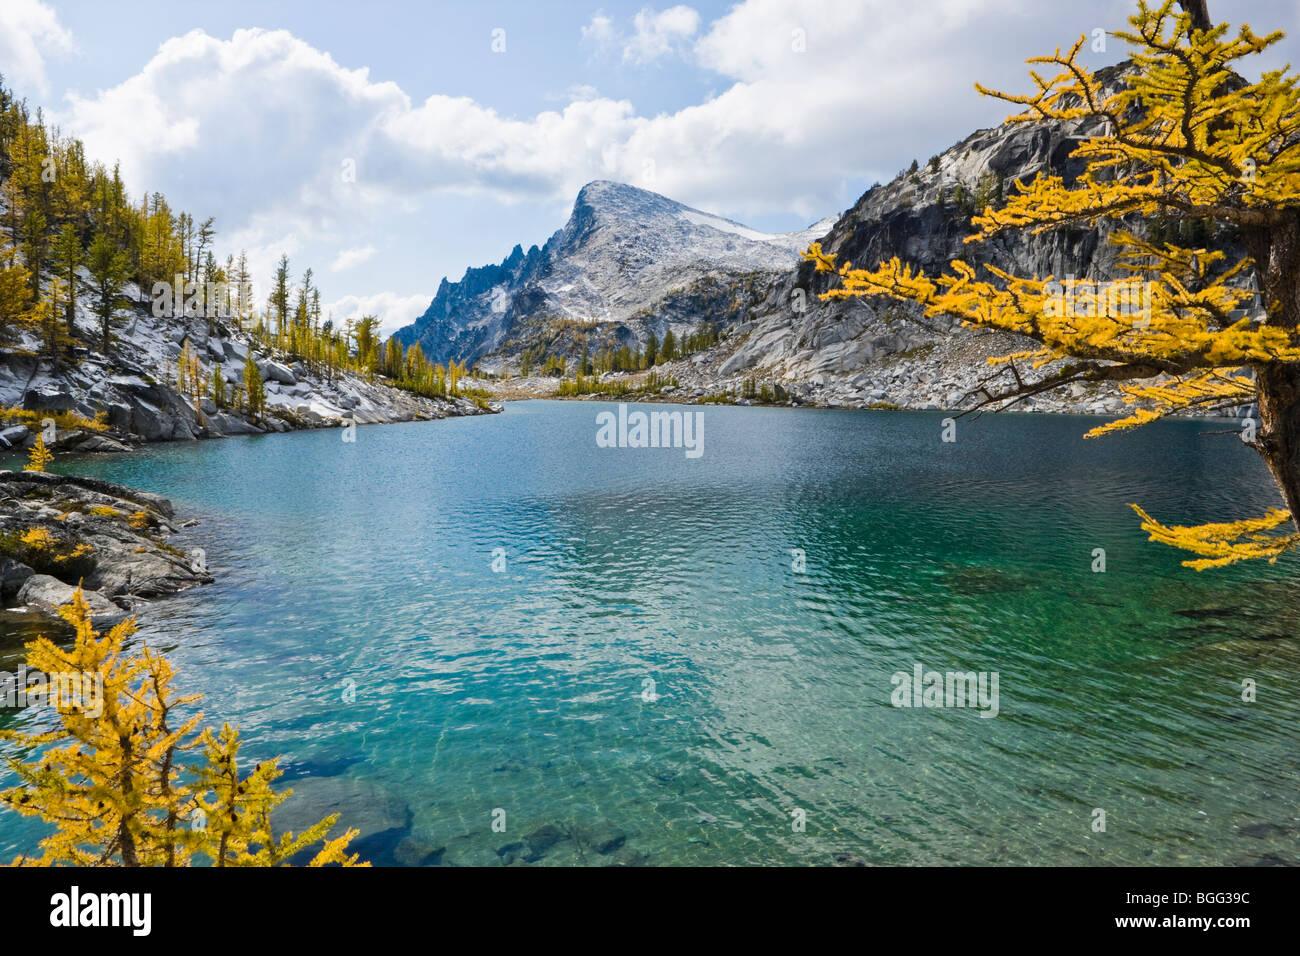 La perfección del lago con poco de Annapurna en el fondo, el encanto de Los Lagos Área Silvestre Cascadas Imagen De Stock